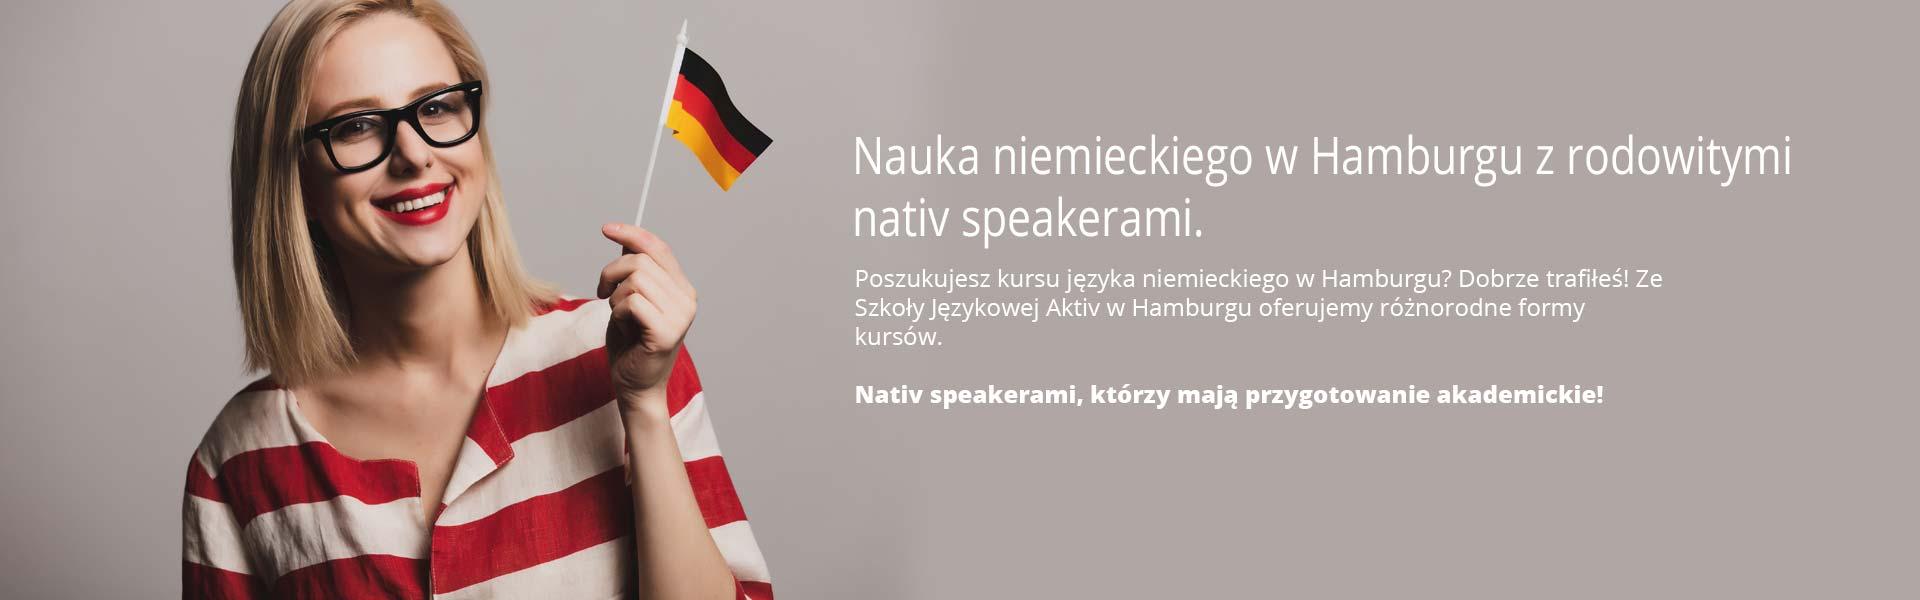 Nauka niemieckiego w Hamburgu z rodowitymi nativ speakerami.